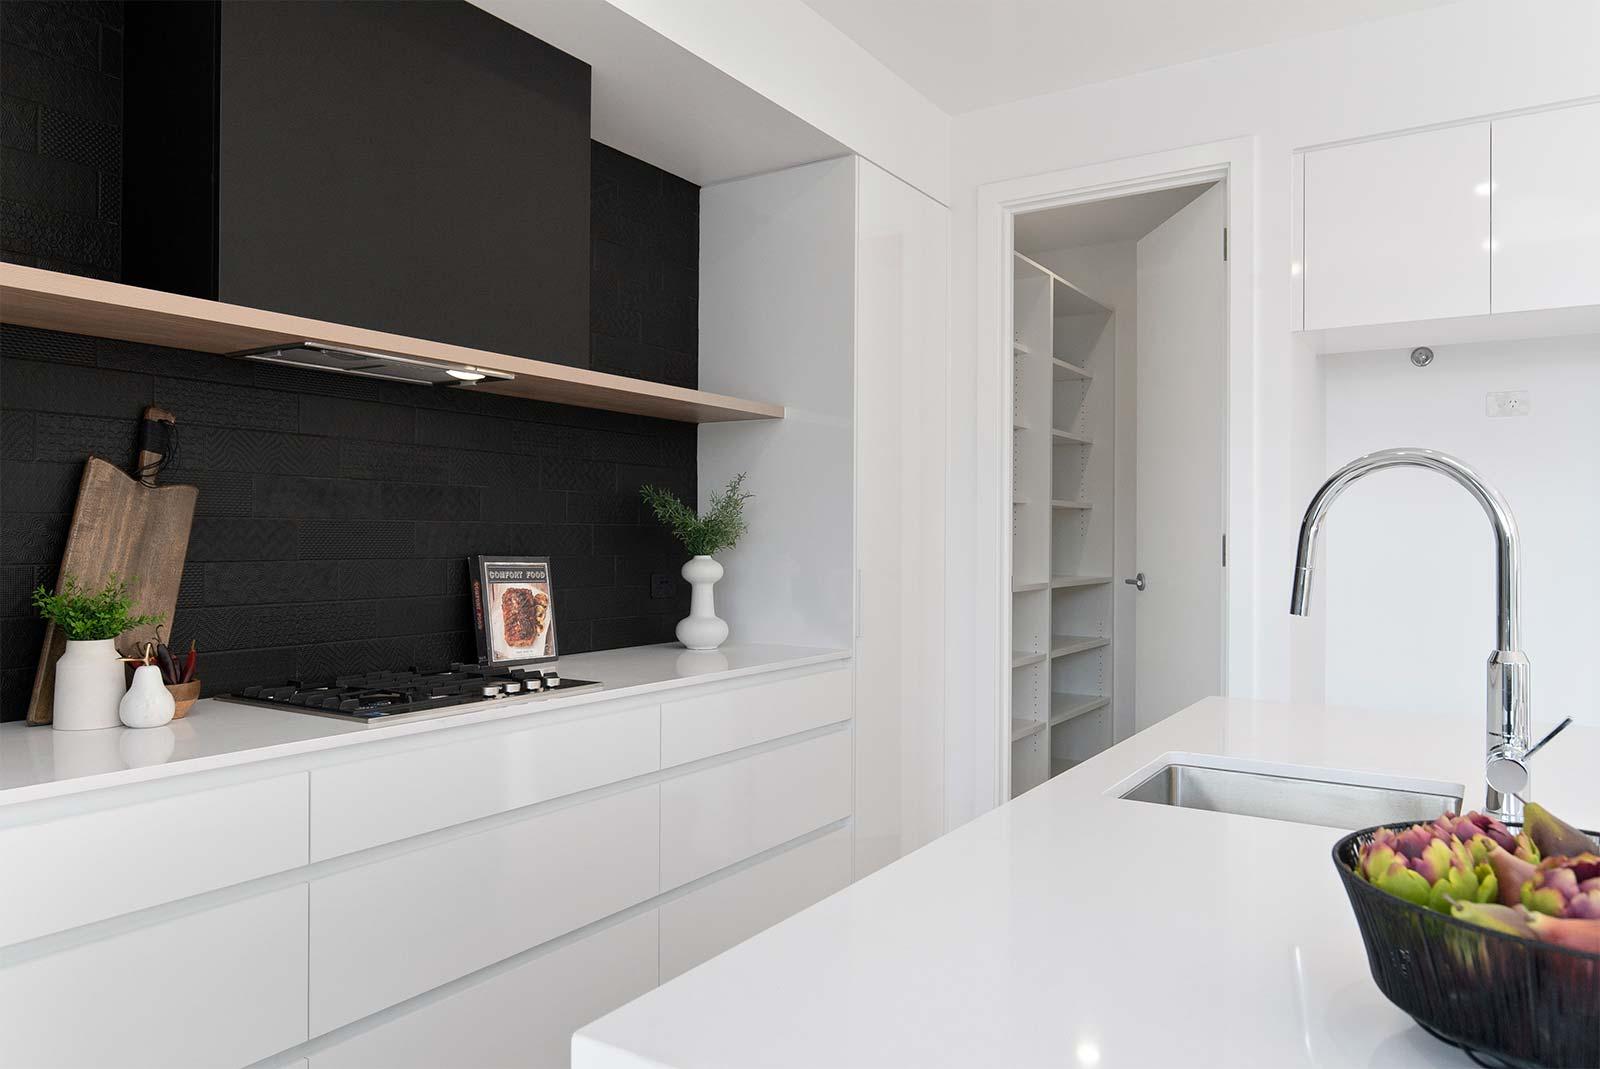 Azcon Homes Single Storey Custom Built Home Plymtpn Park B 006